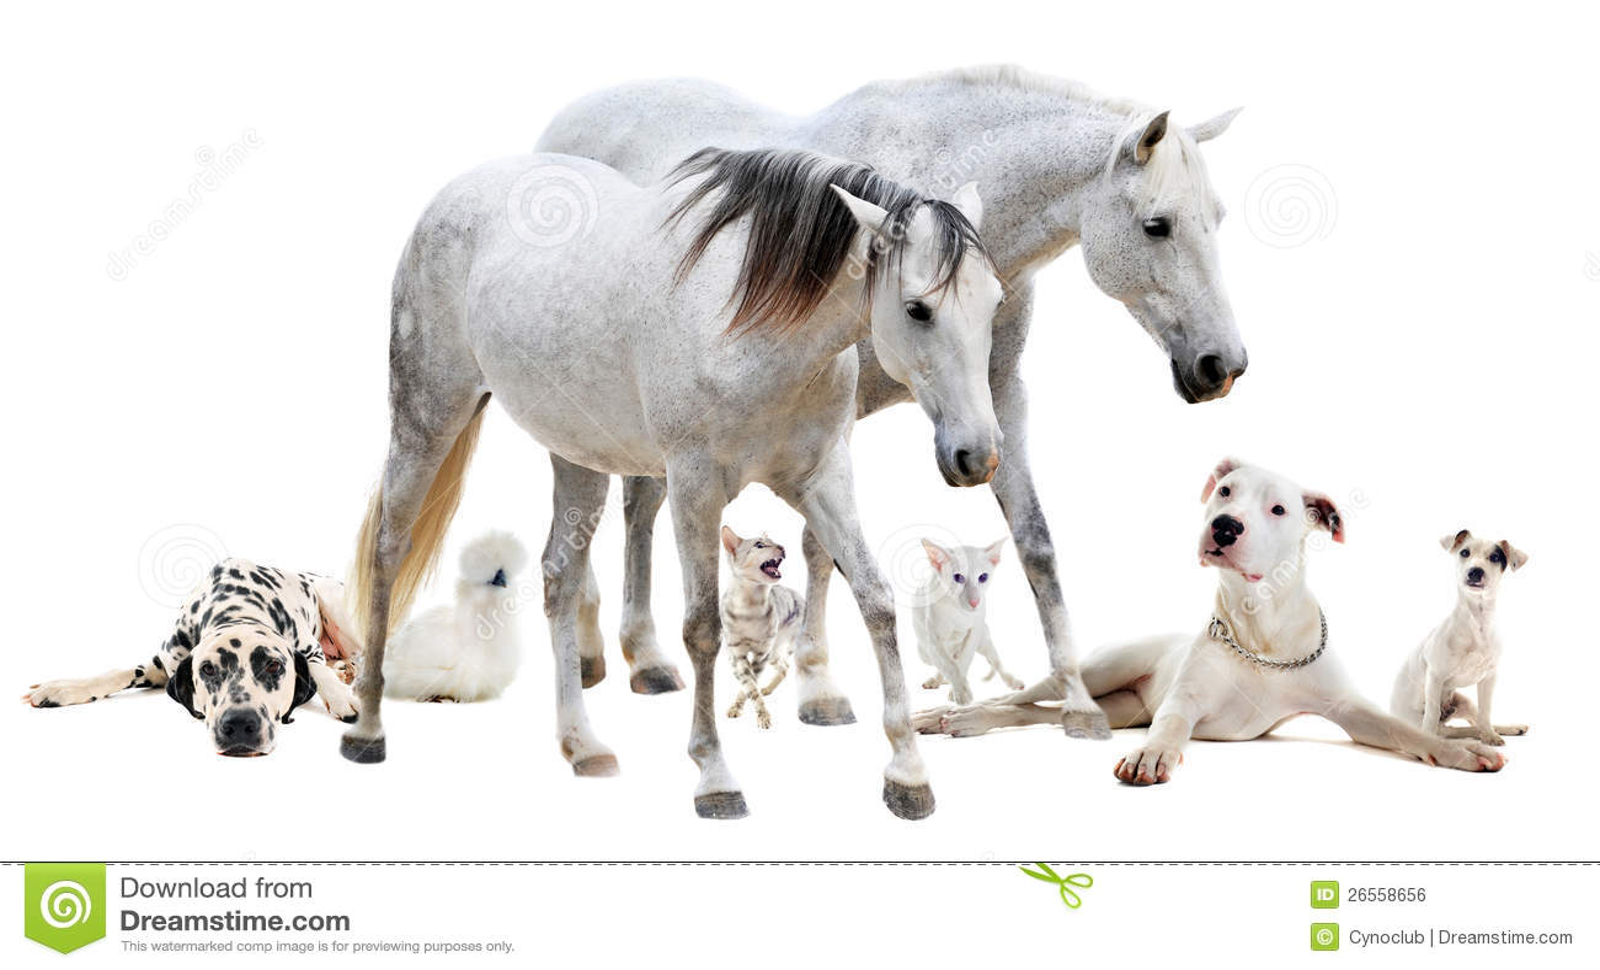 Grupa biały zwierzę domowe